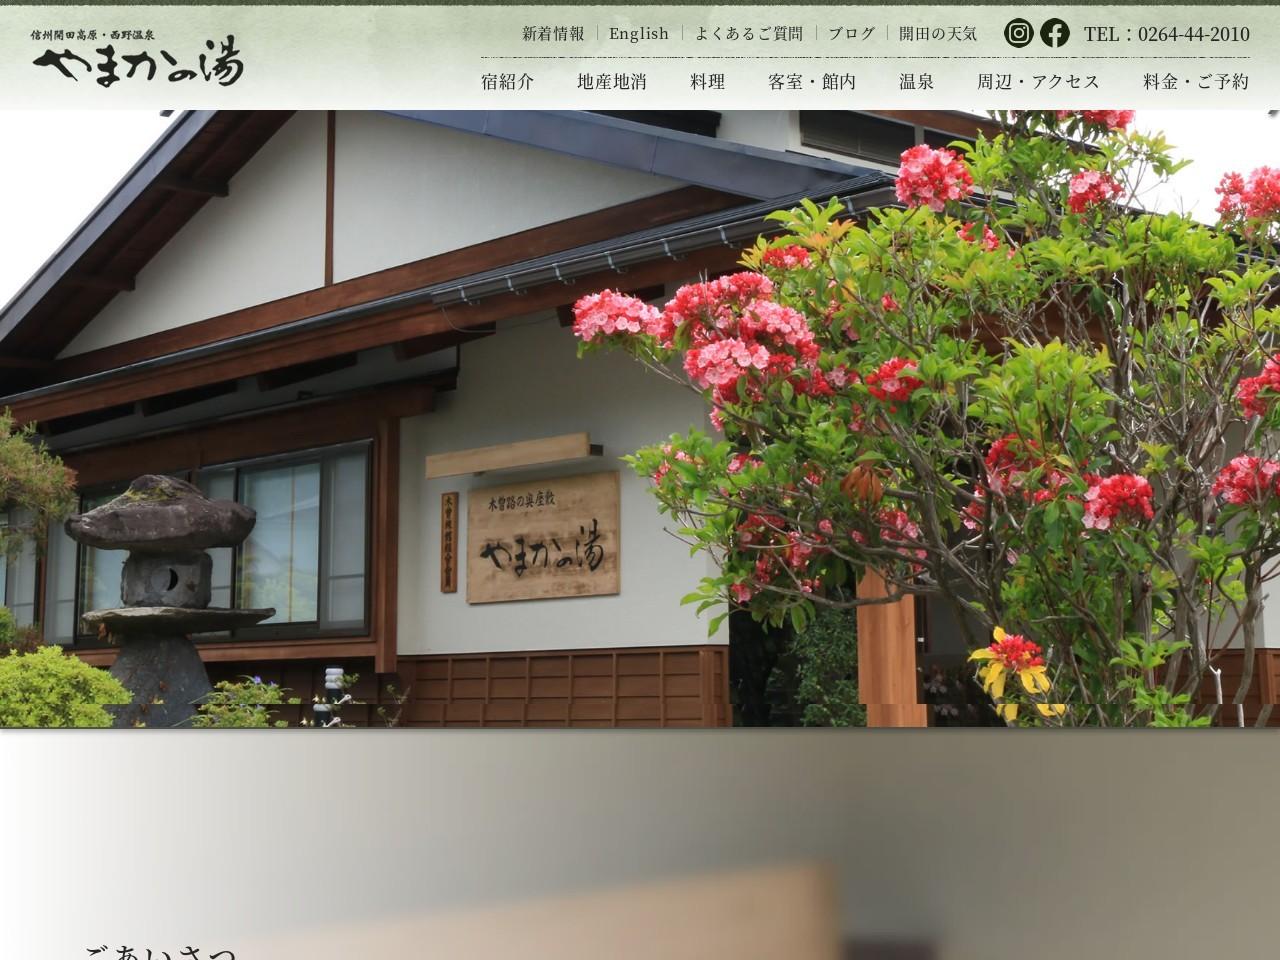 信州・木曽路の奥座敷 旅館やまかの湯【公式サイト】